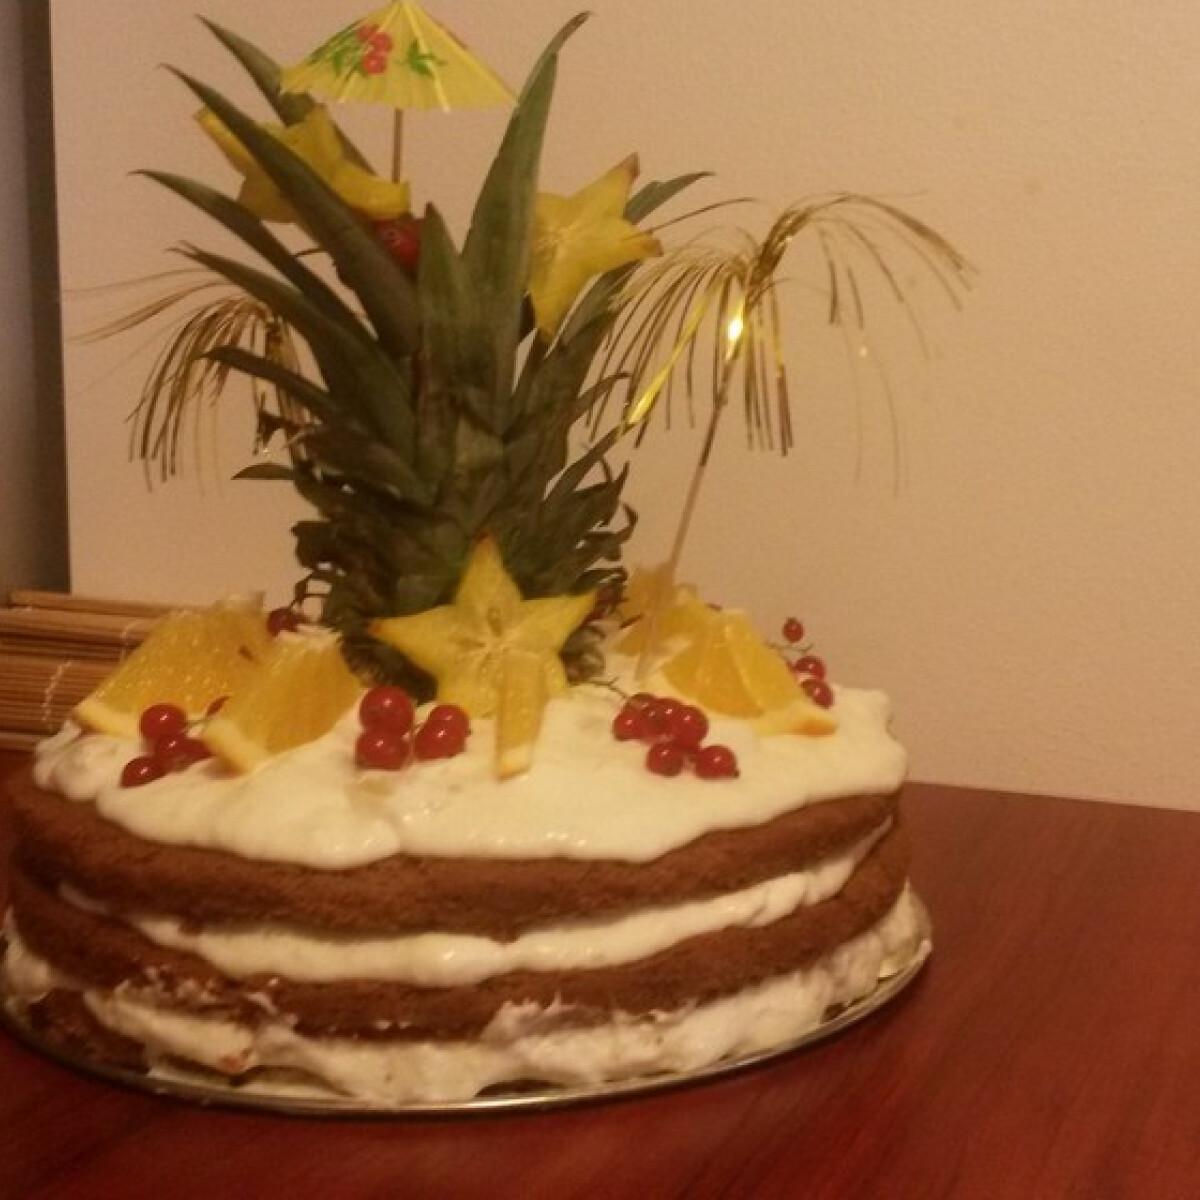 Ezen a képen: Ananász torta